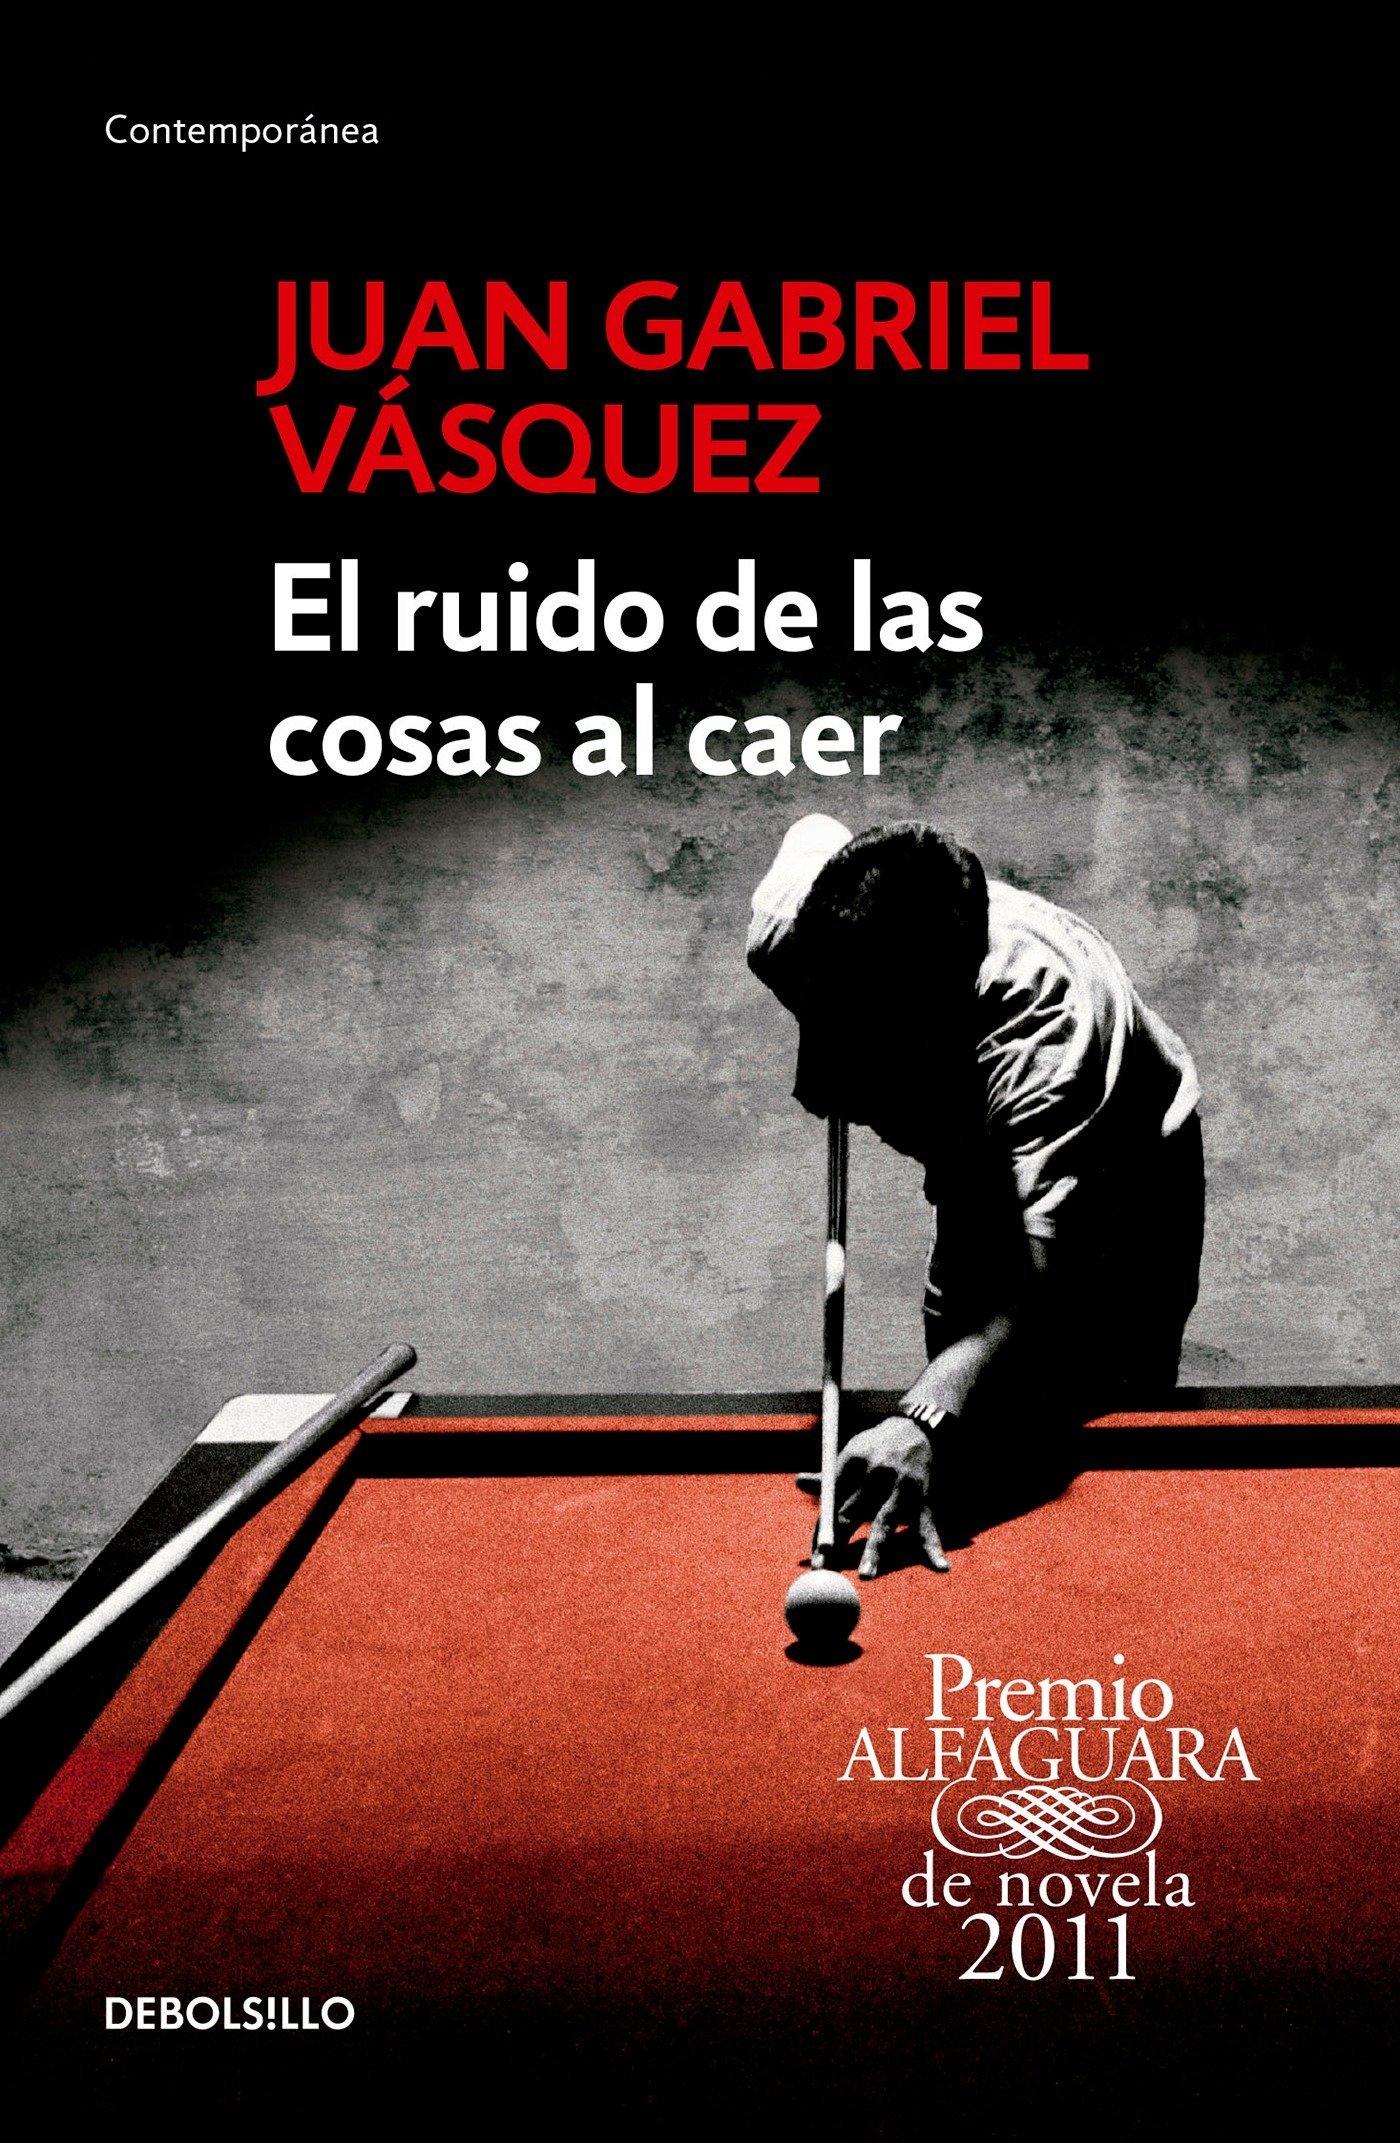 uan-gabriel-vasquez-4